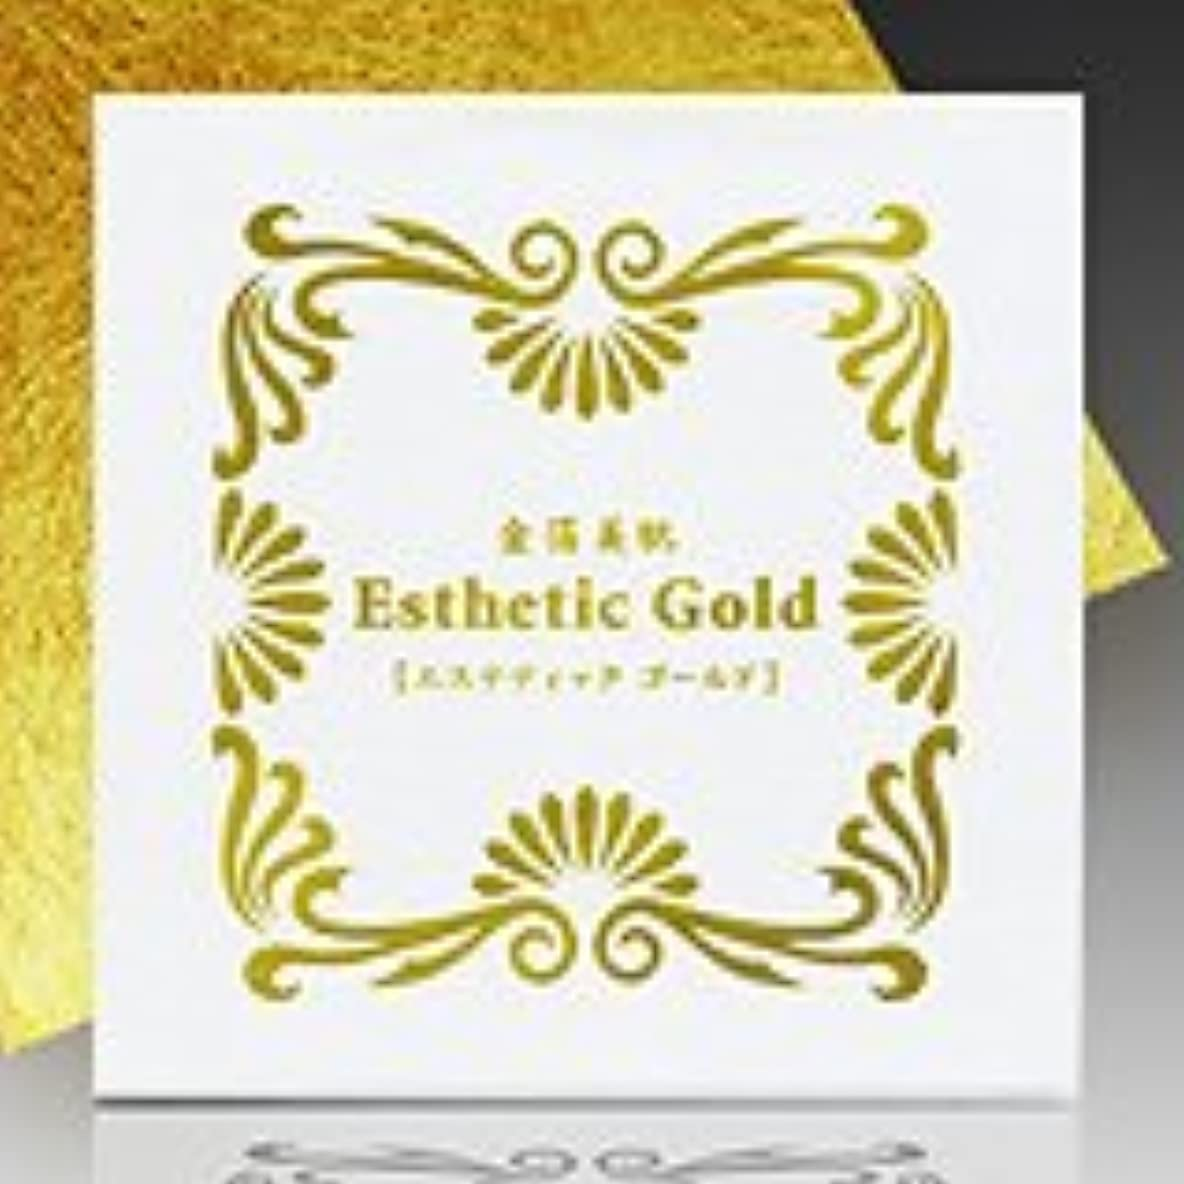 エゴマニア肖像画石【金箔 美肌】エステティック ゴールド 24K-10枚入【日本製】